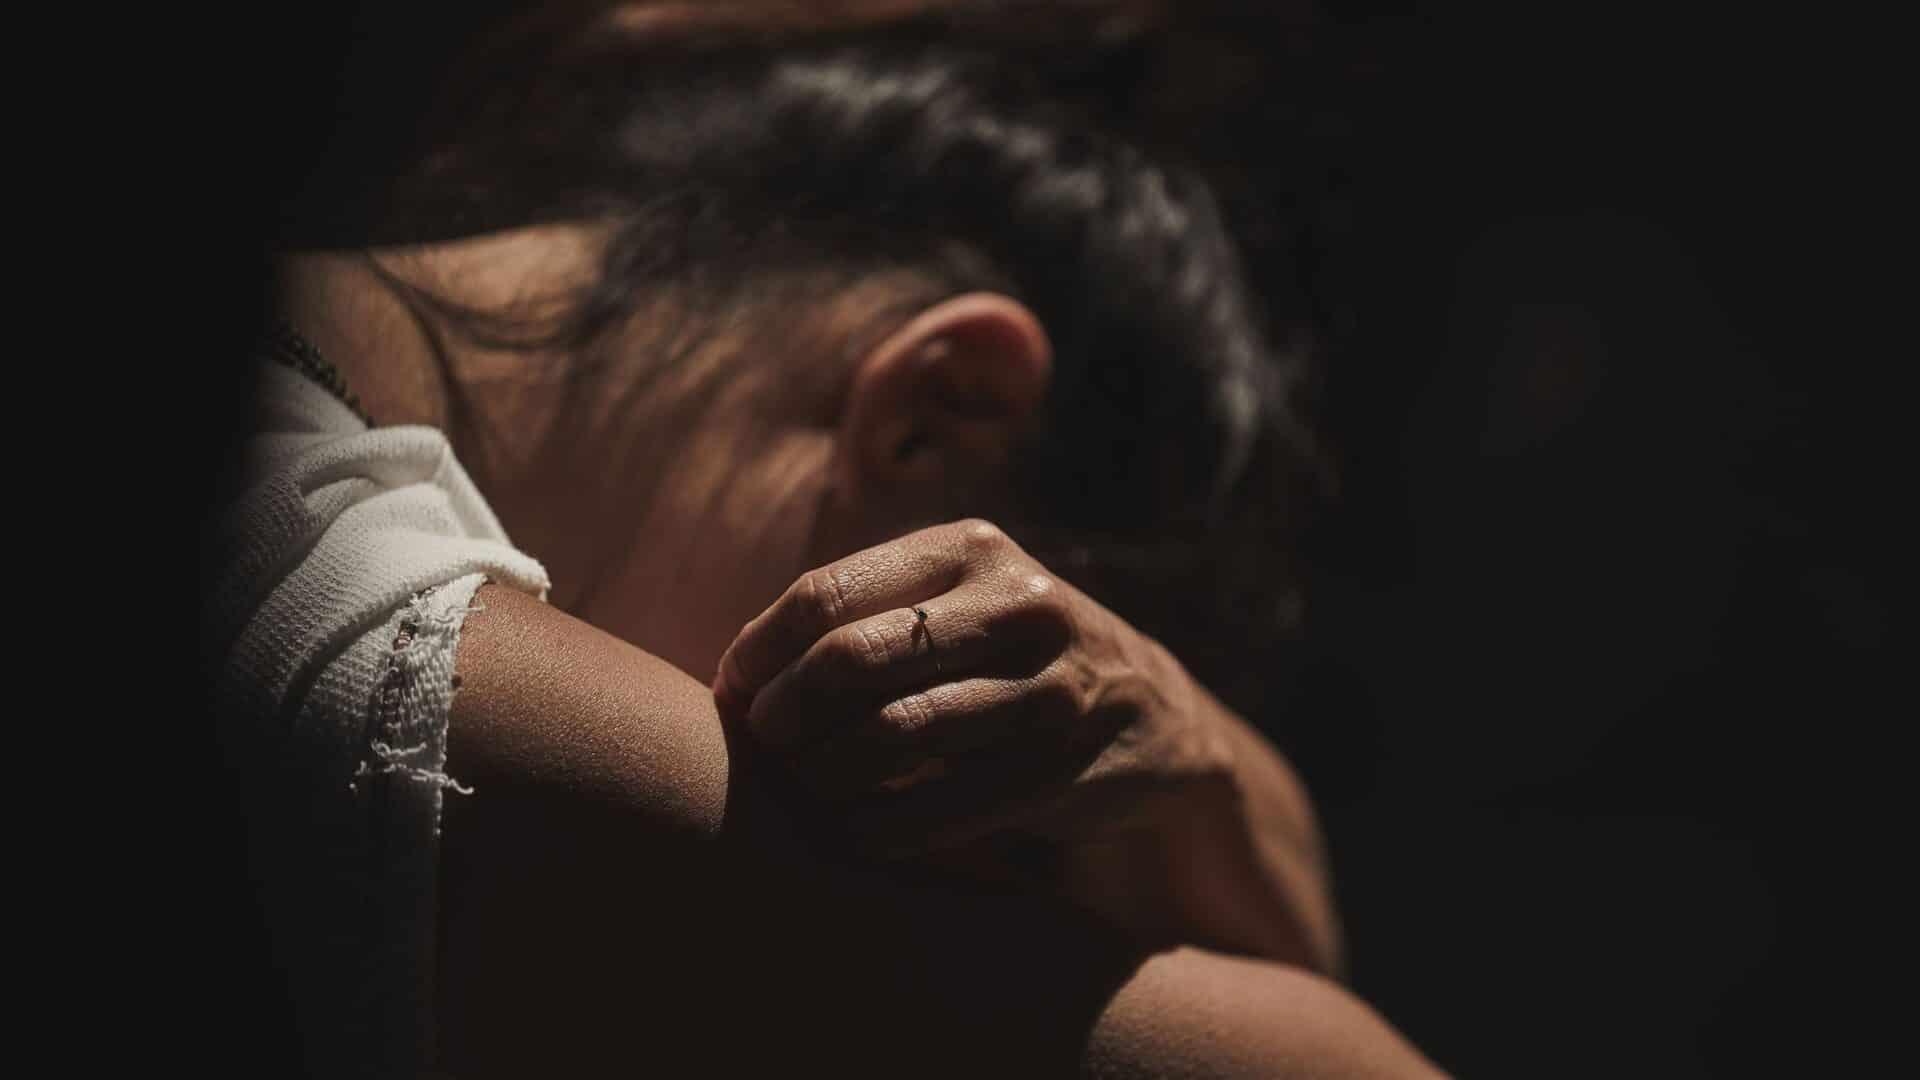 Mulher agachada com o rosto coberto pelos braços